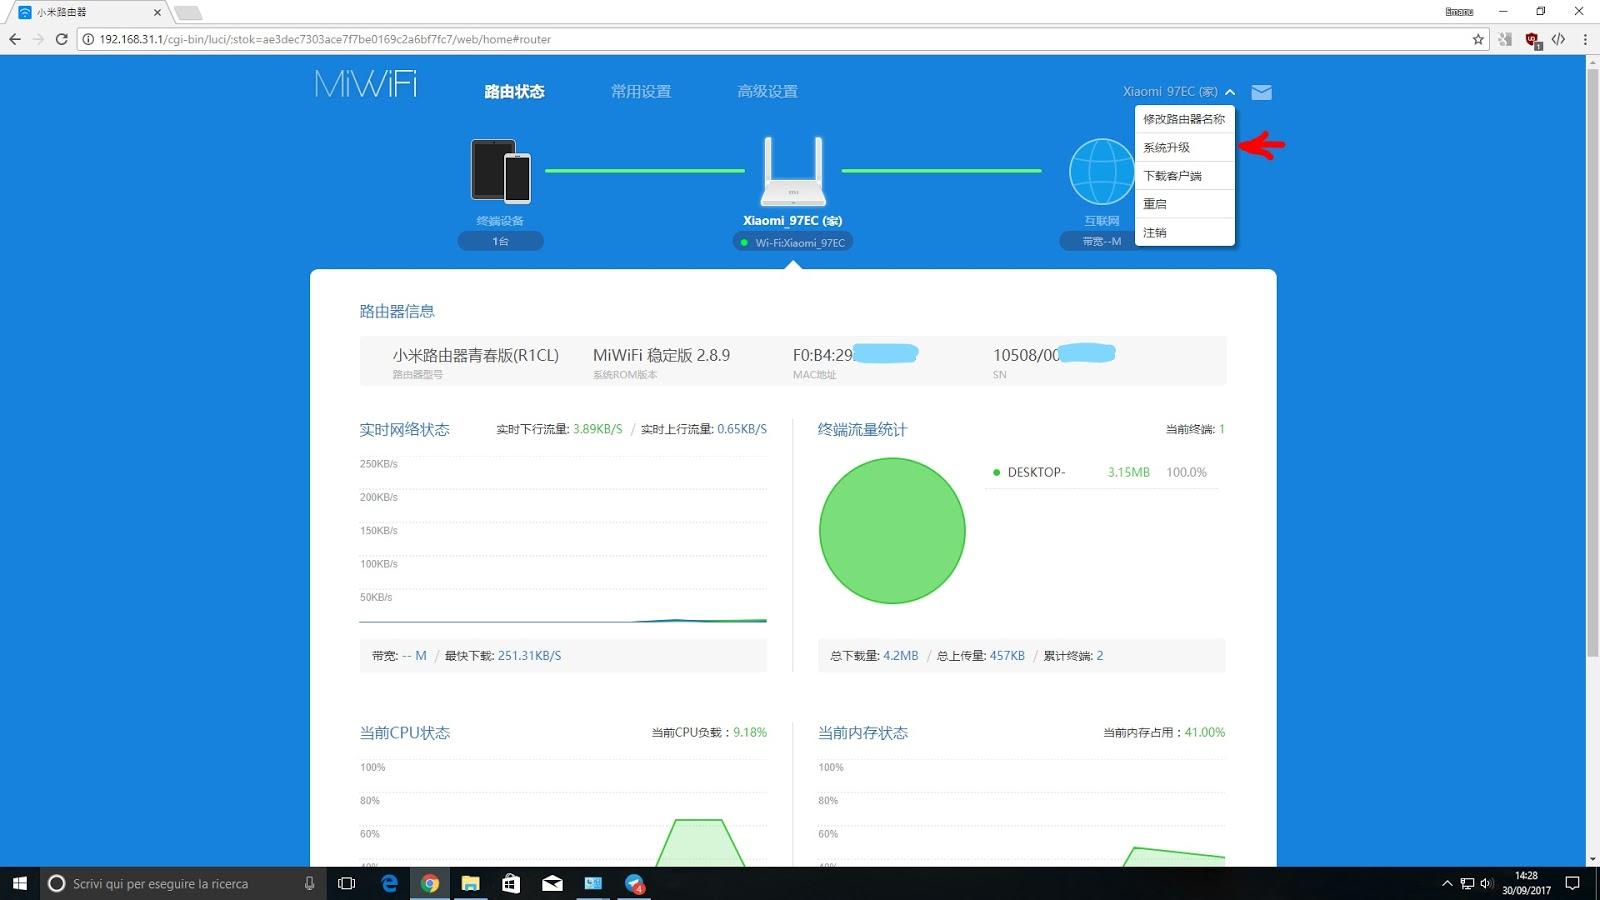 Il blog di emanu37429: Installare LEDE/OpenWRT su Mi Router Youth